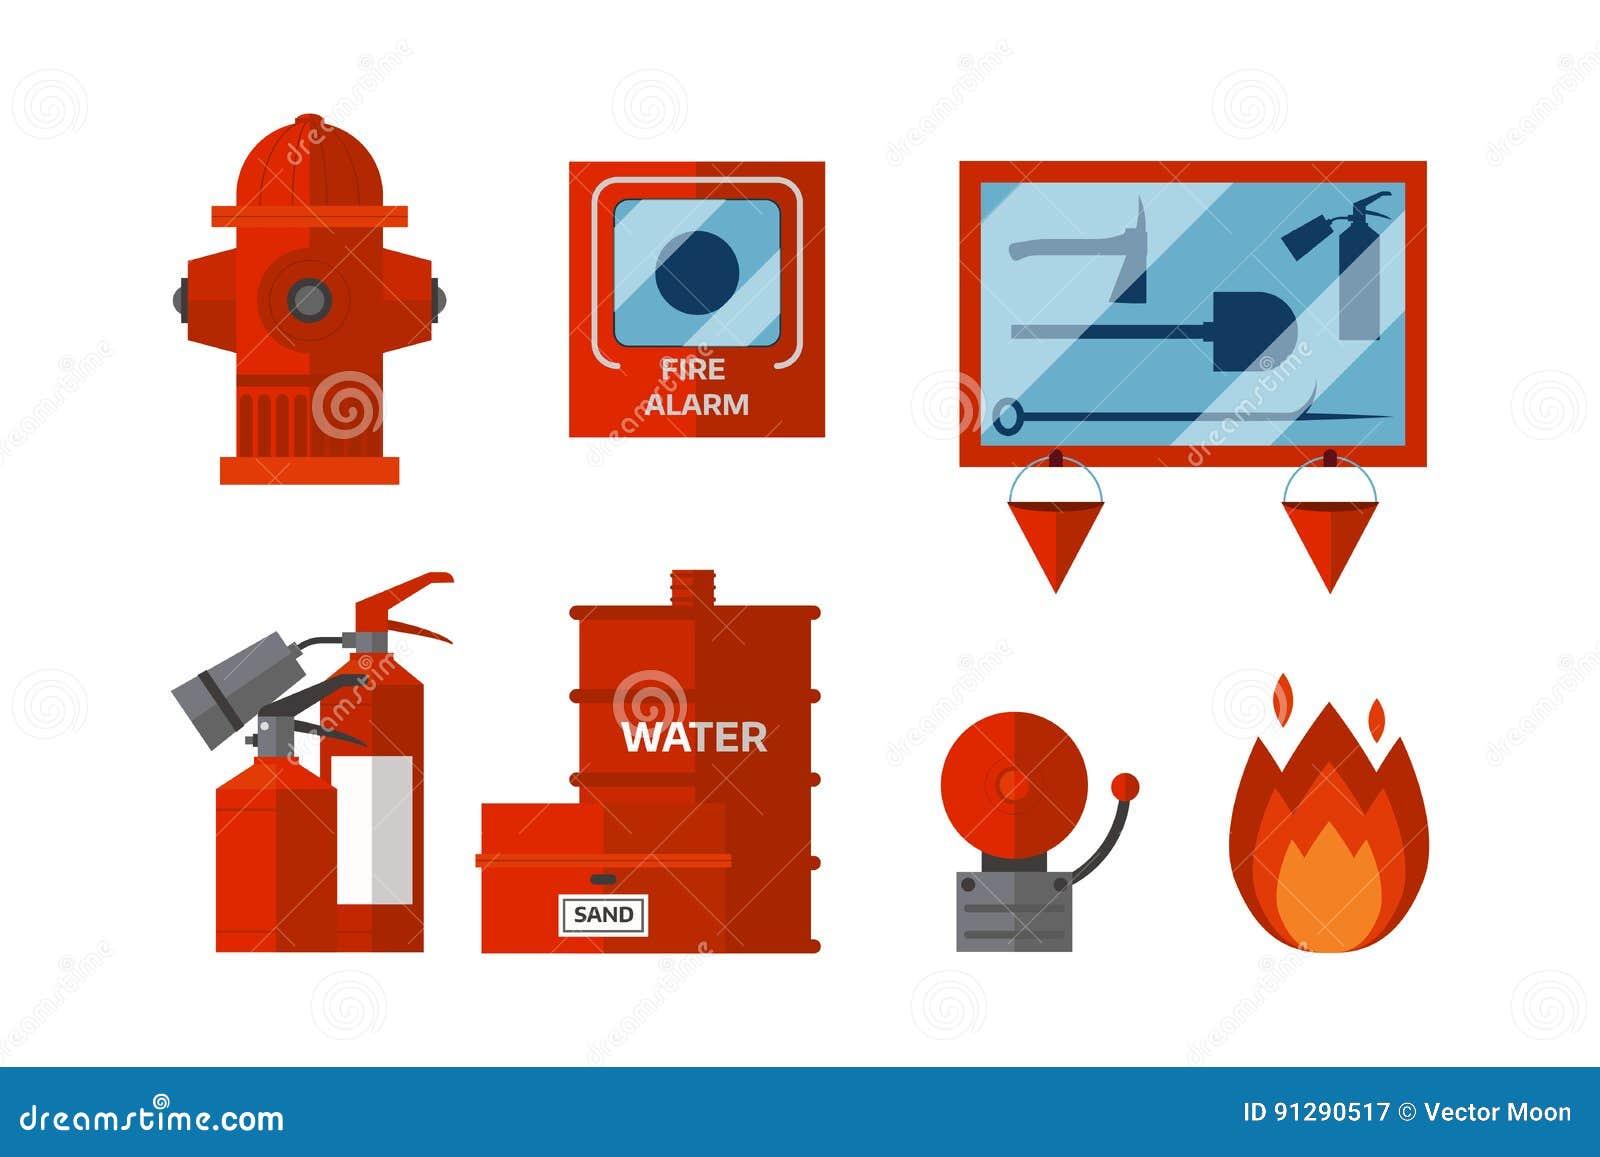 La emergencia del equipo de seguridad contra incendios for Pinturas proteccion contra incendios